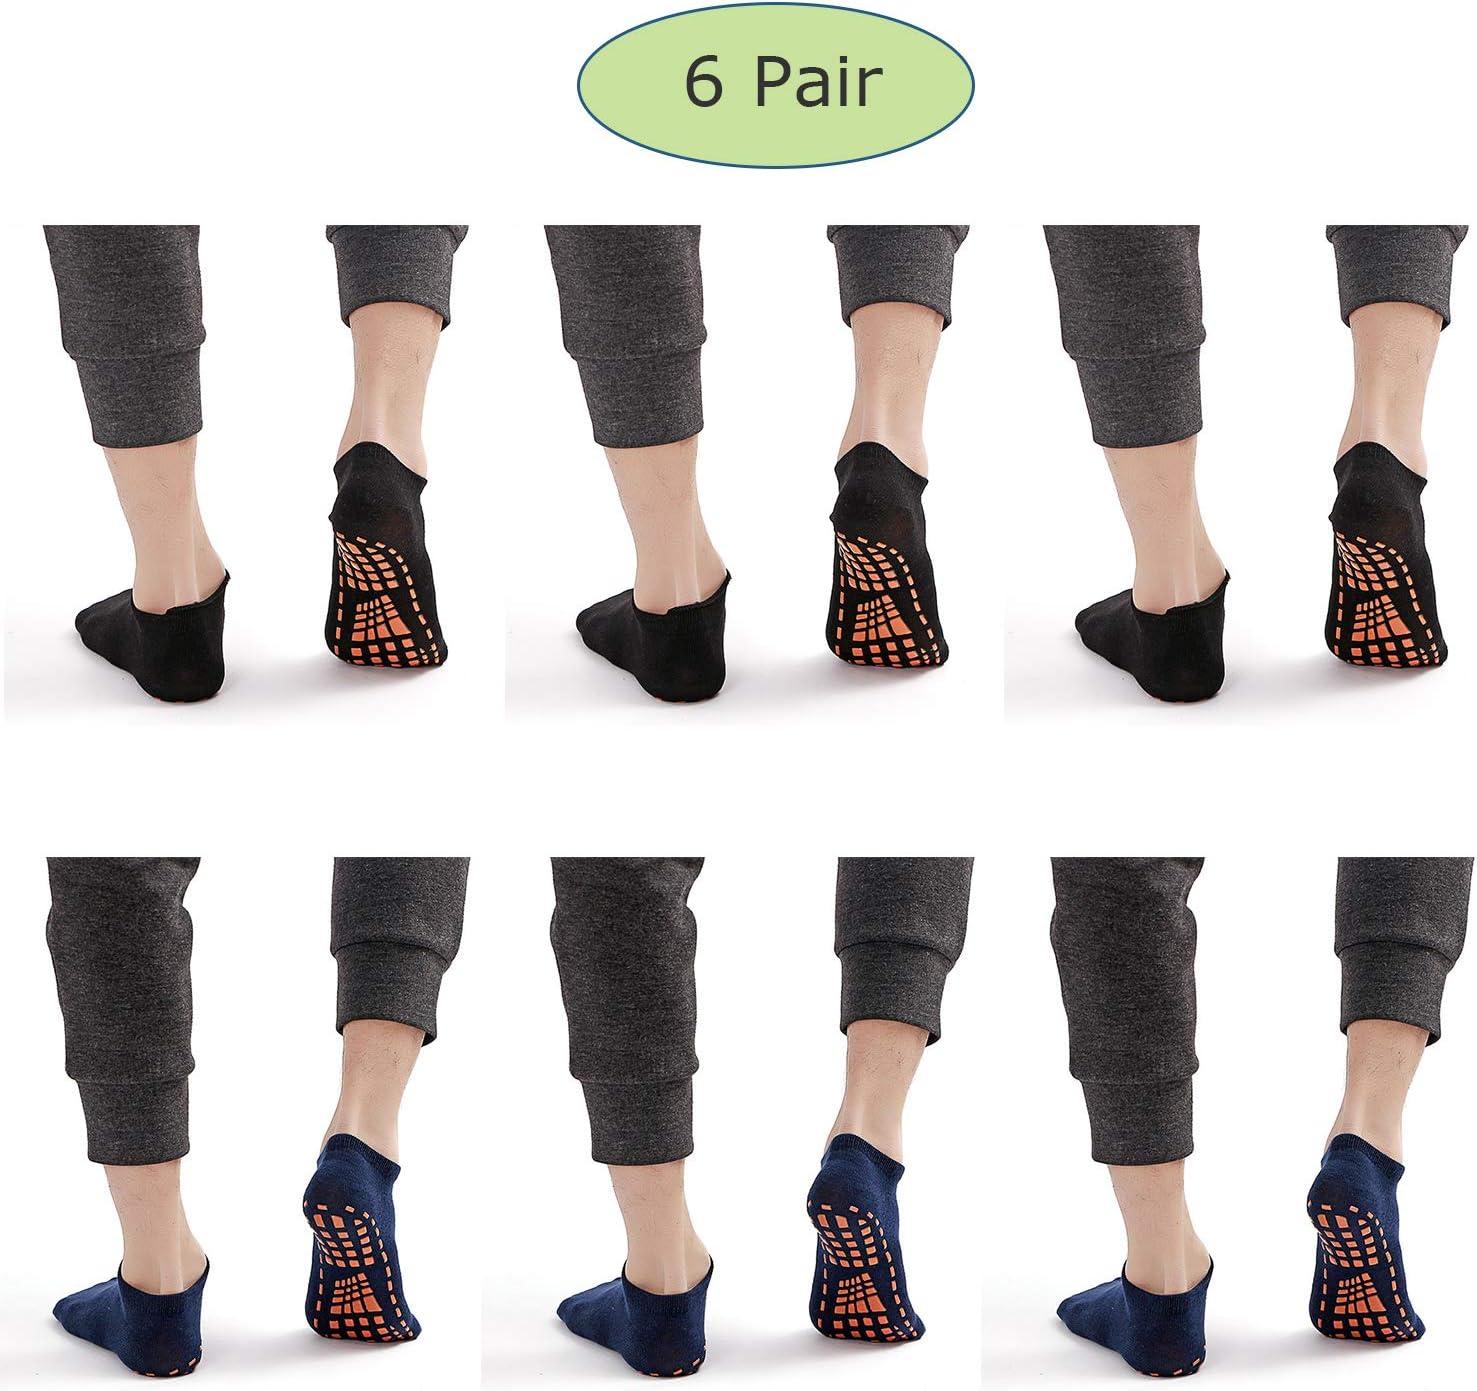 Yoga Calcetines Antideslizantes para Fitness De Baile De Ballet Pilates, Suave y Confortable Algodón para Hombres,Calcetines De Piso, XL / 6 Colores